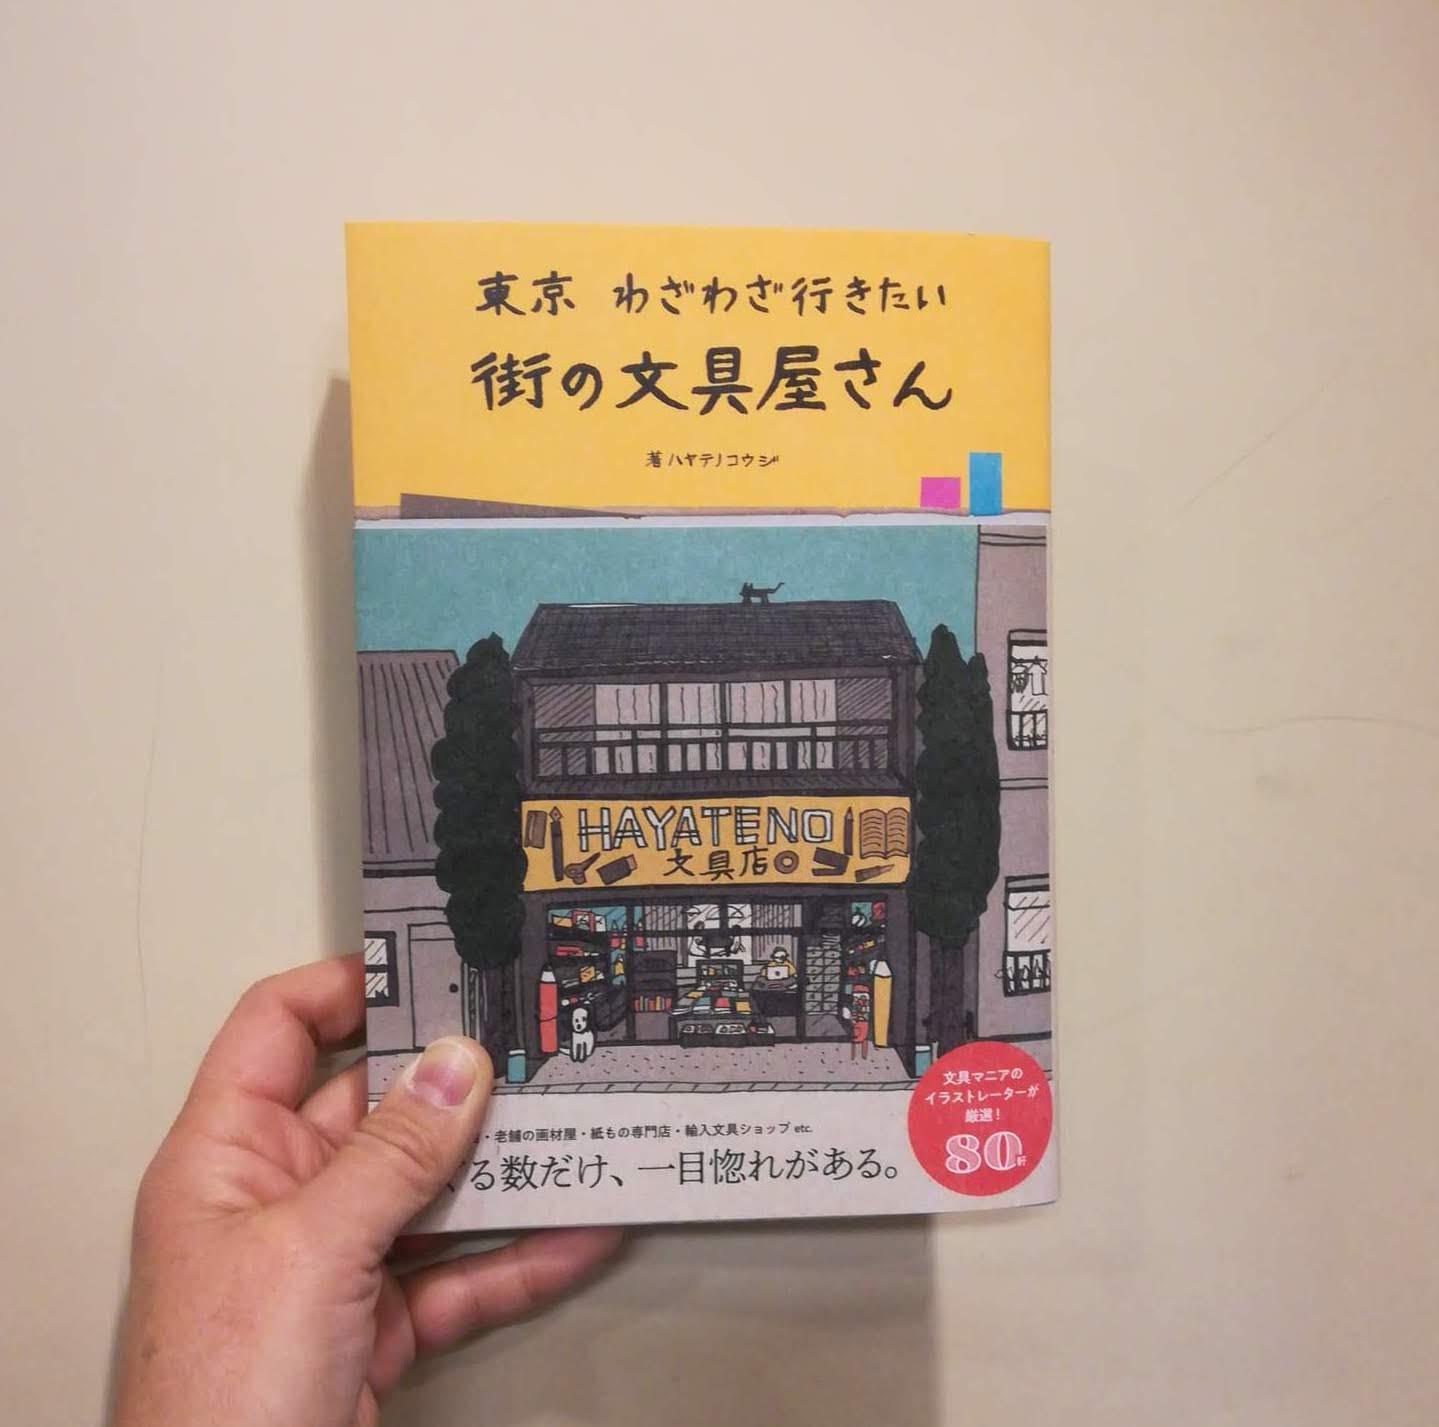 【銀座伊東屋10Fイベントに出演決定!】東京わざわざ行きたい街の文具屋さん出版記念イベント